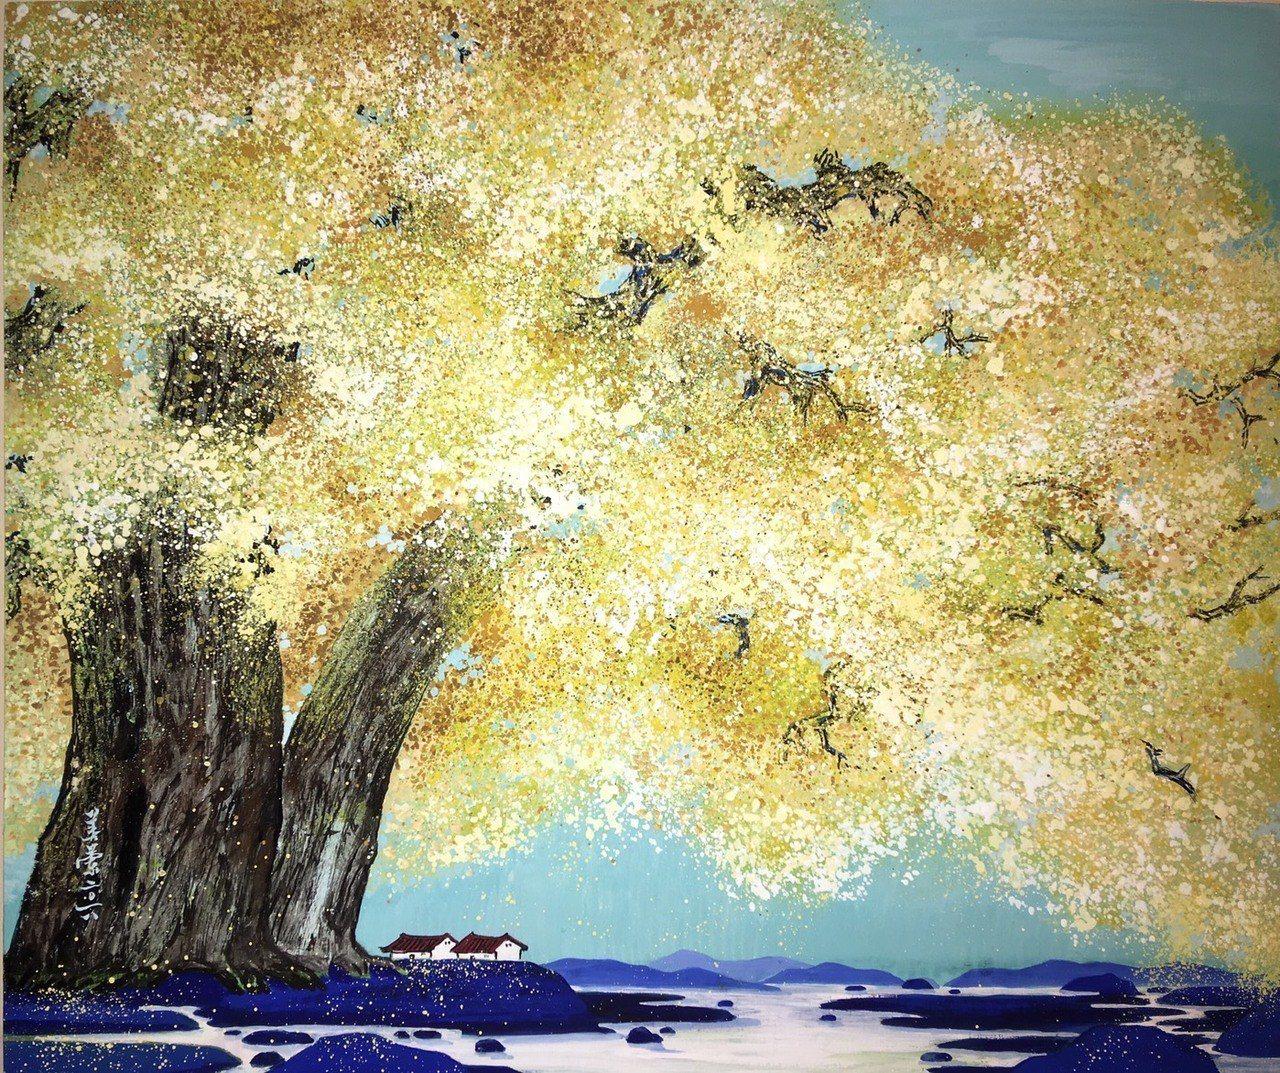 廖美蘭的作品《燦金》。 台灣輕鬆藝術博覽會/提供